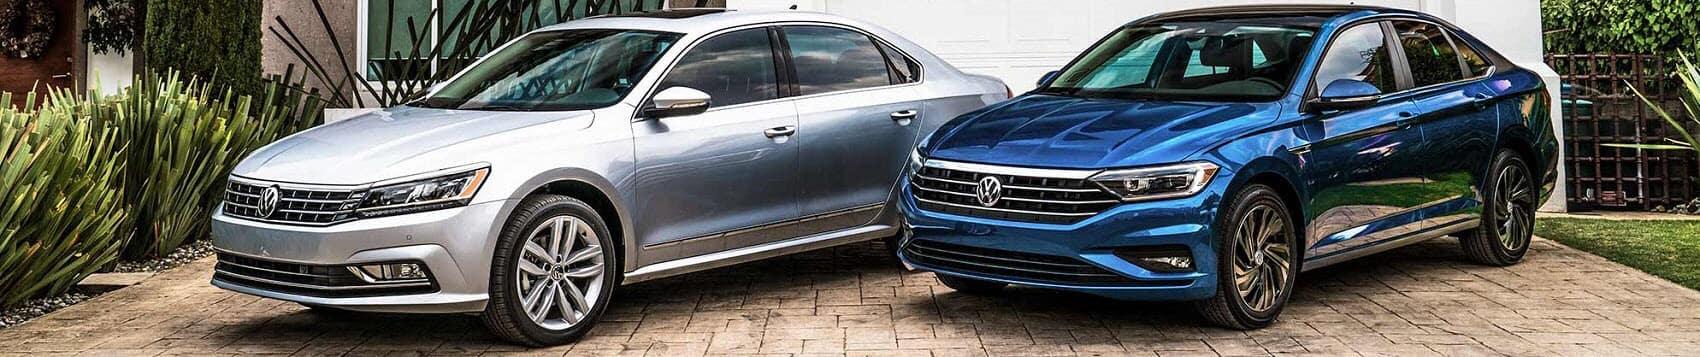 Volkswagen Sedans